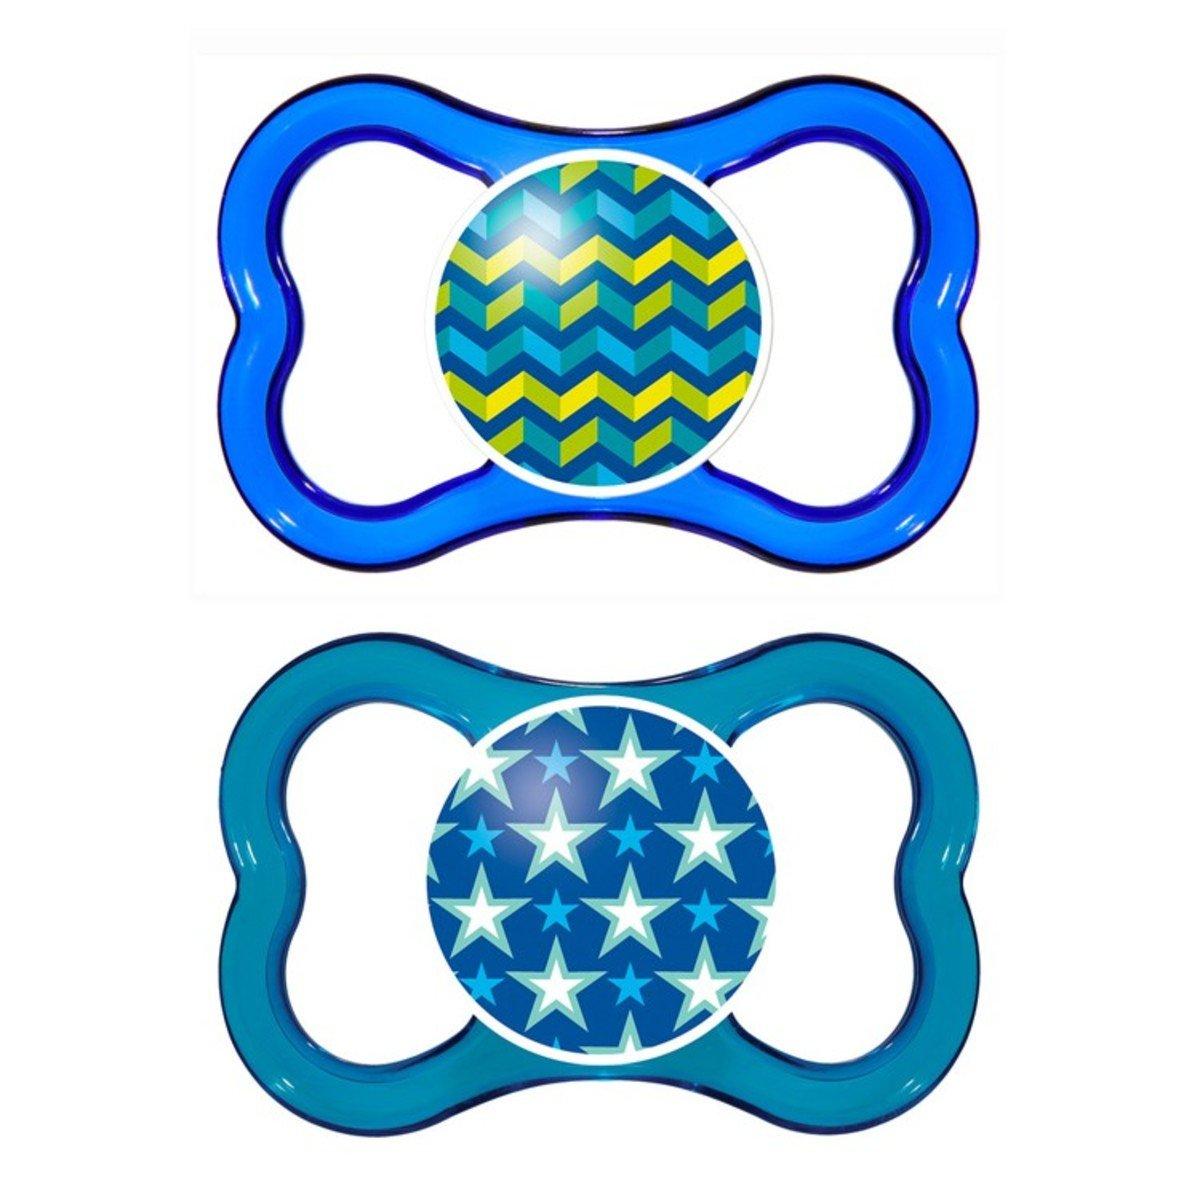 透氣型絲感安撫奶嘴(雙只)-藍色